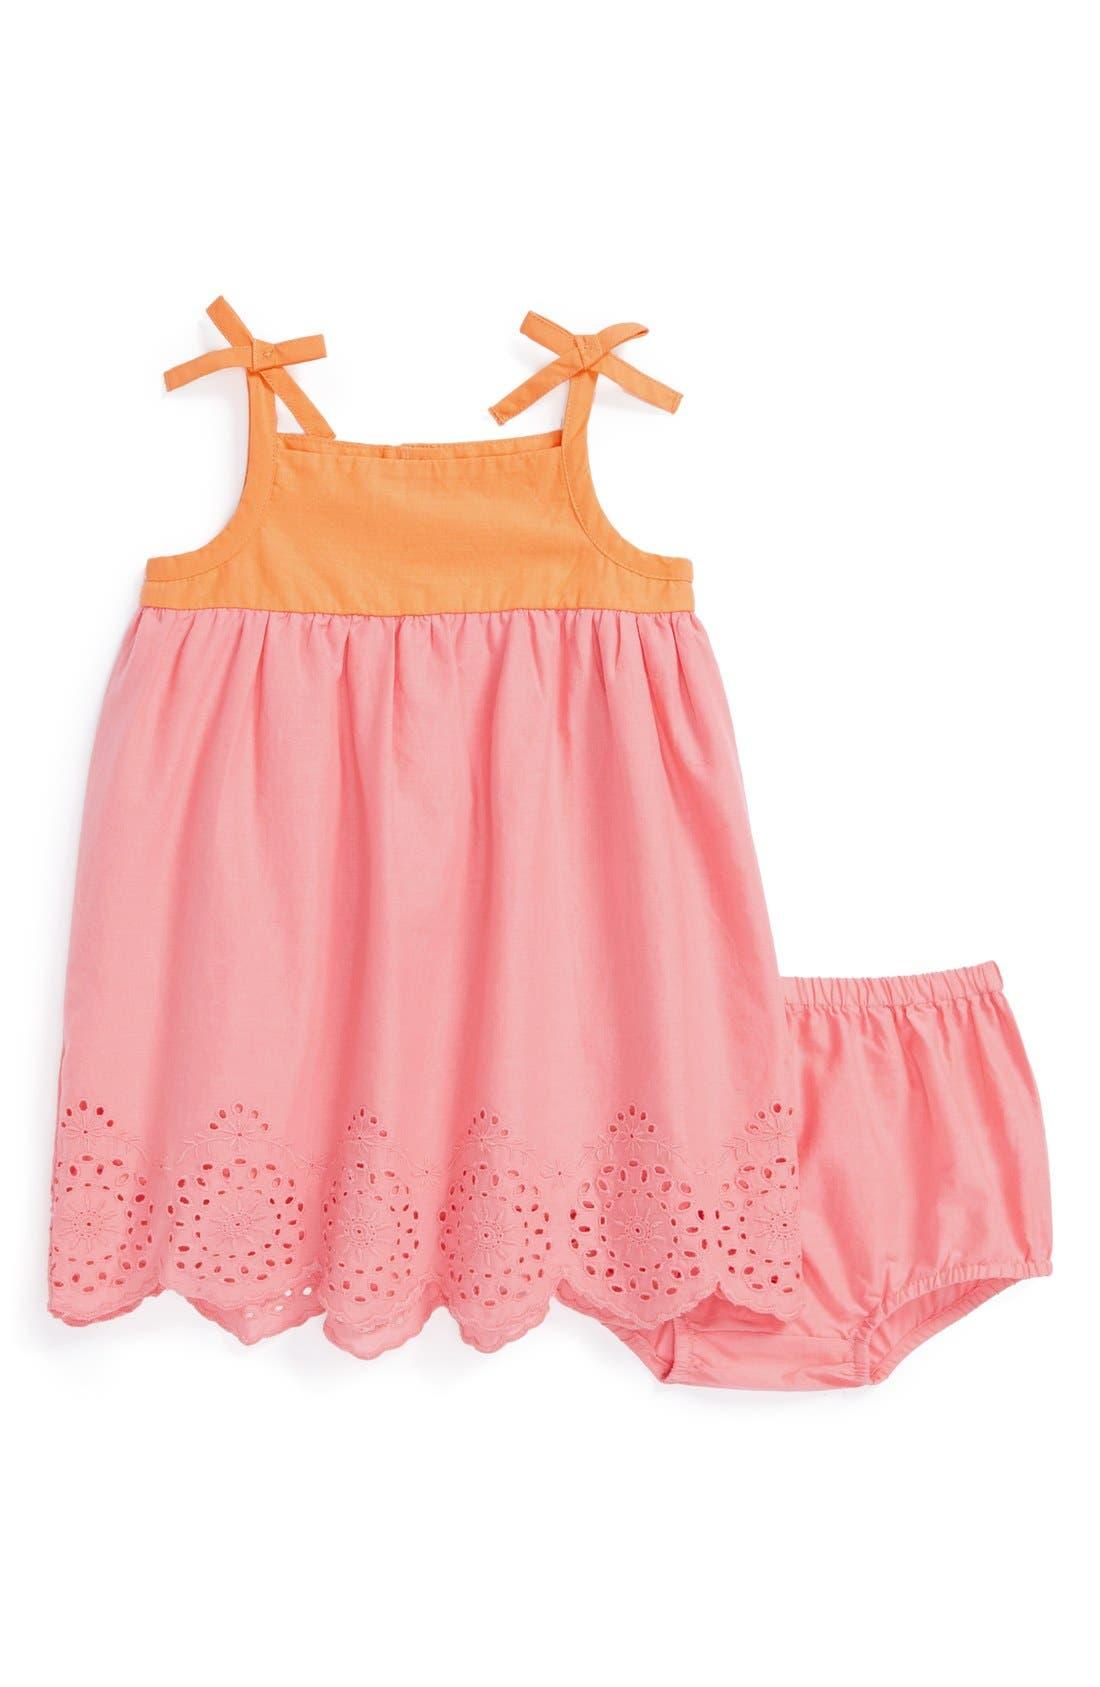 Main Image - Tucker + Tate Sleeveless Sundress & Bloomers (Baby Girls)